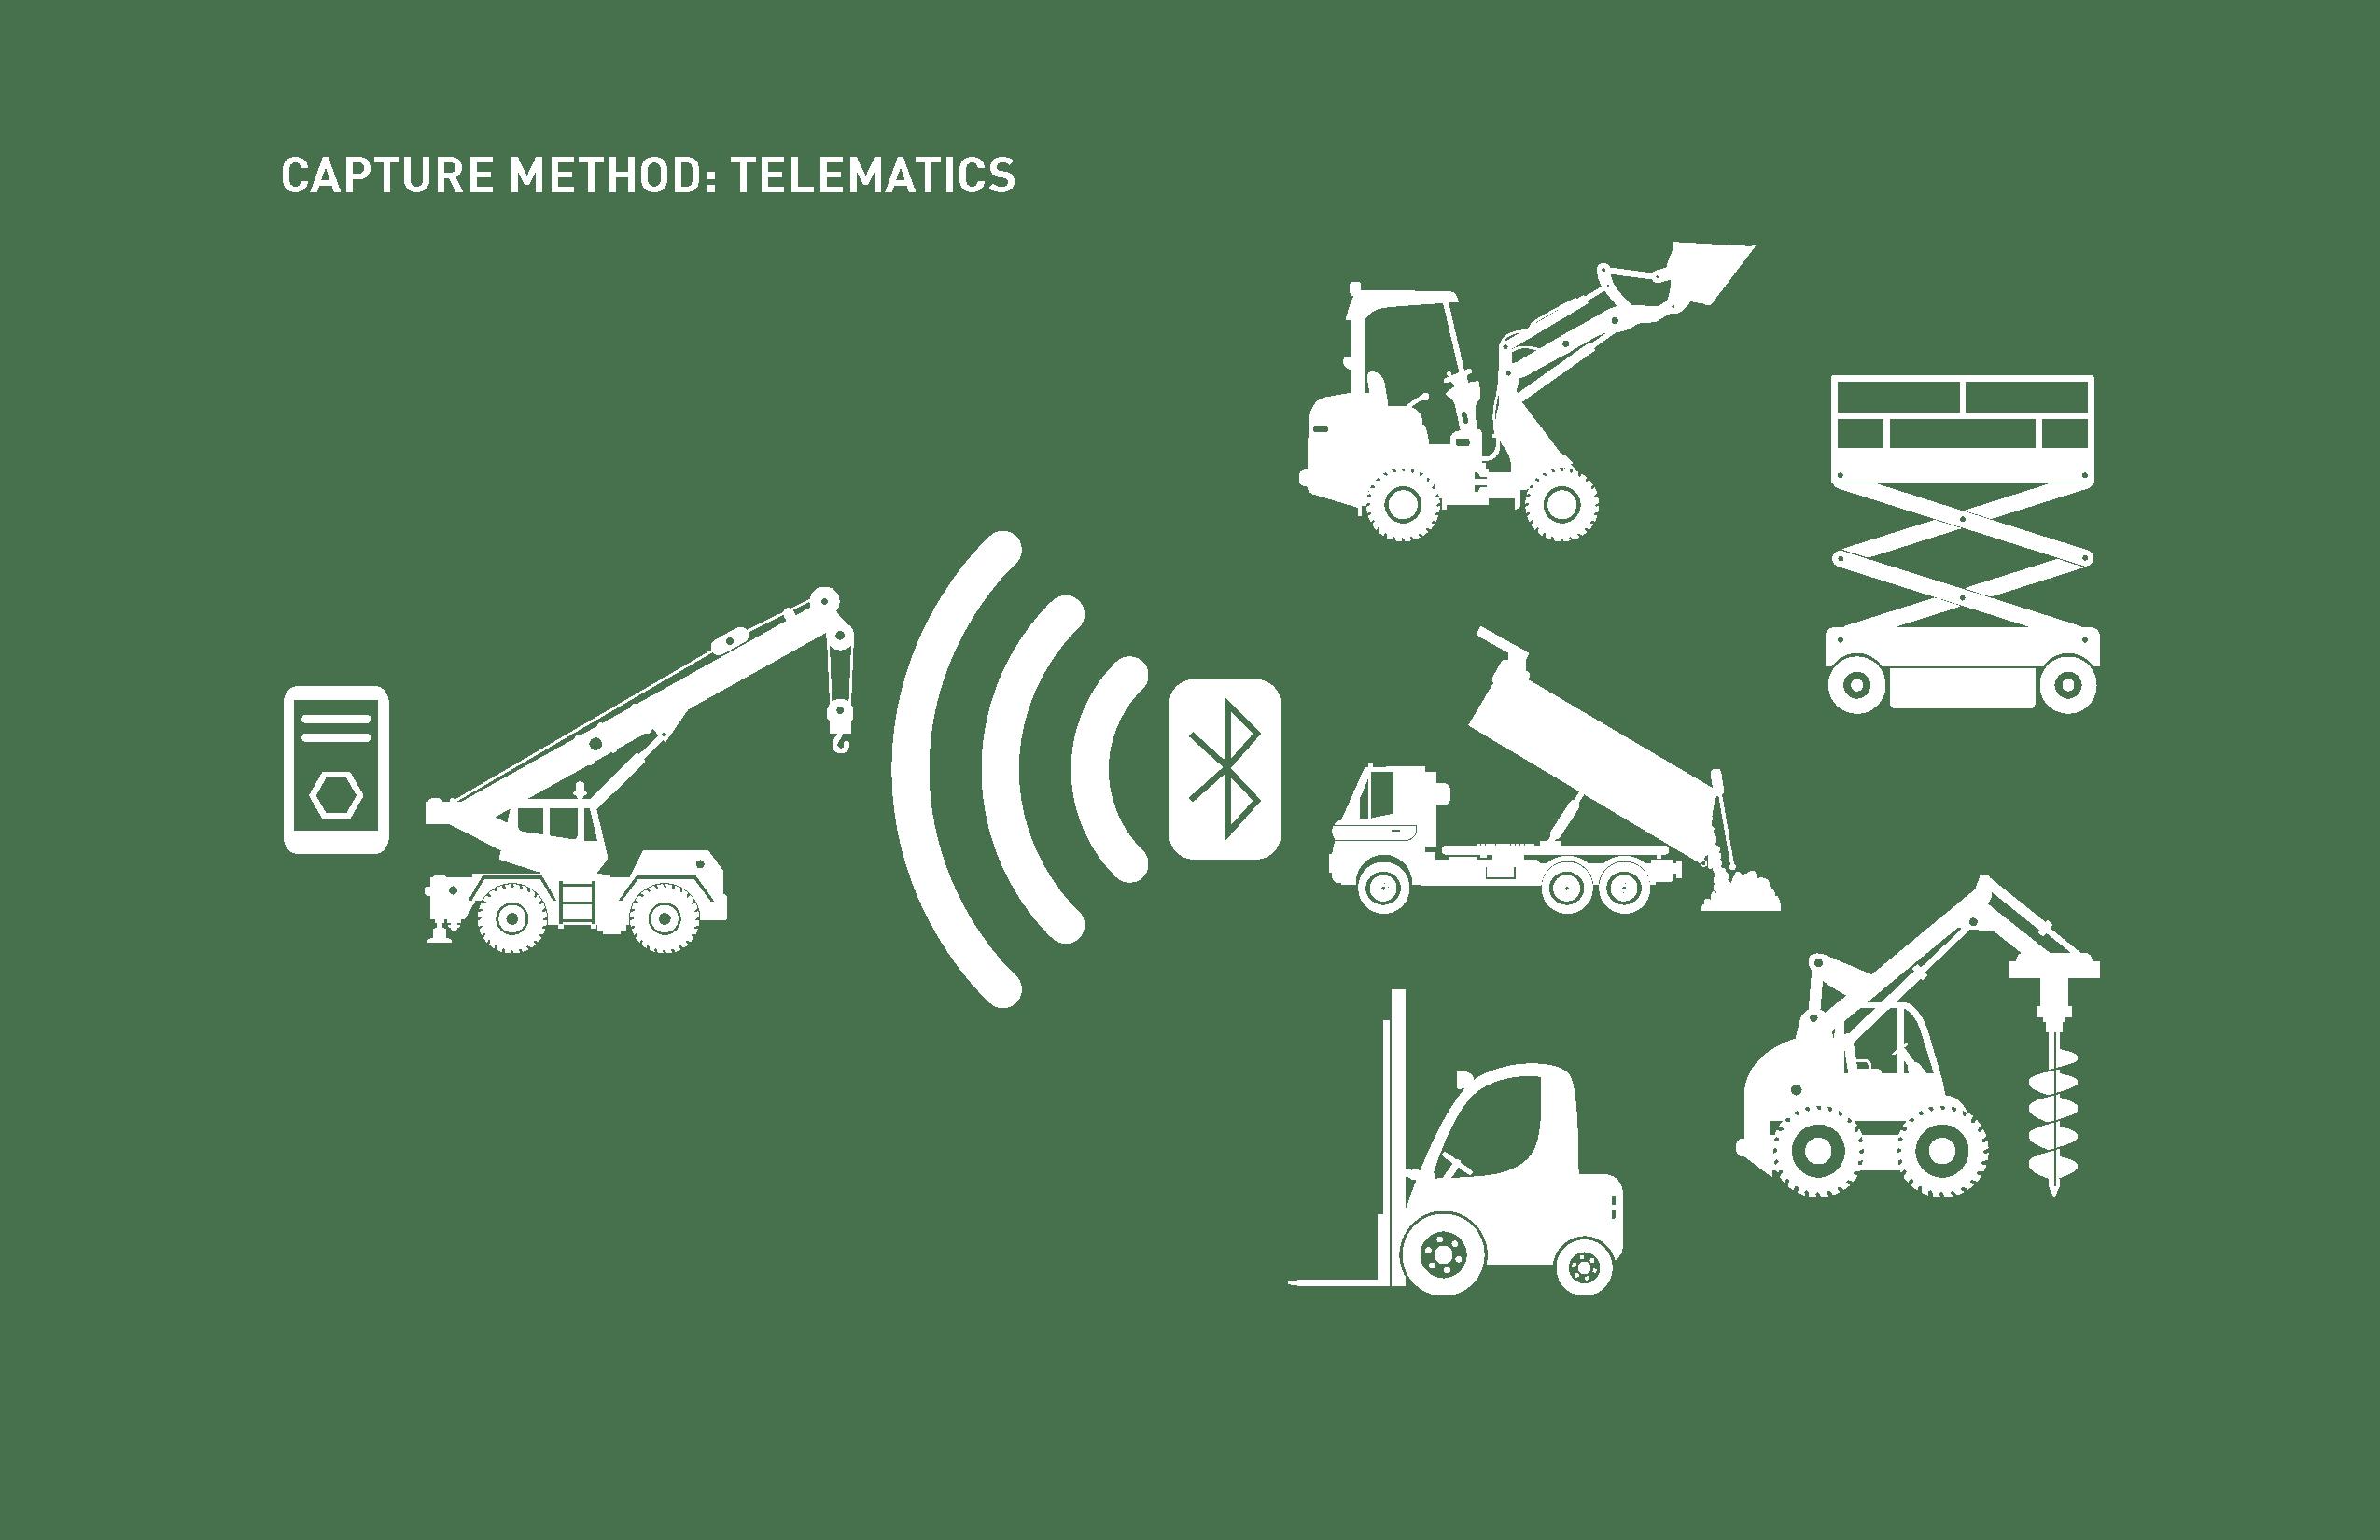 Telematics Capture Method Diagram